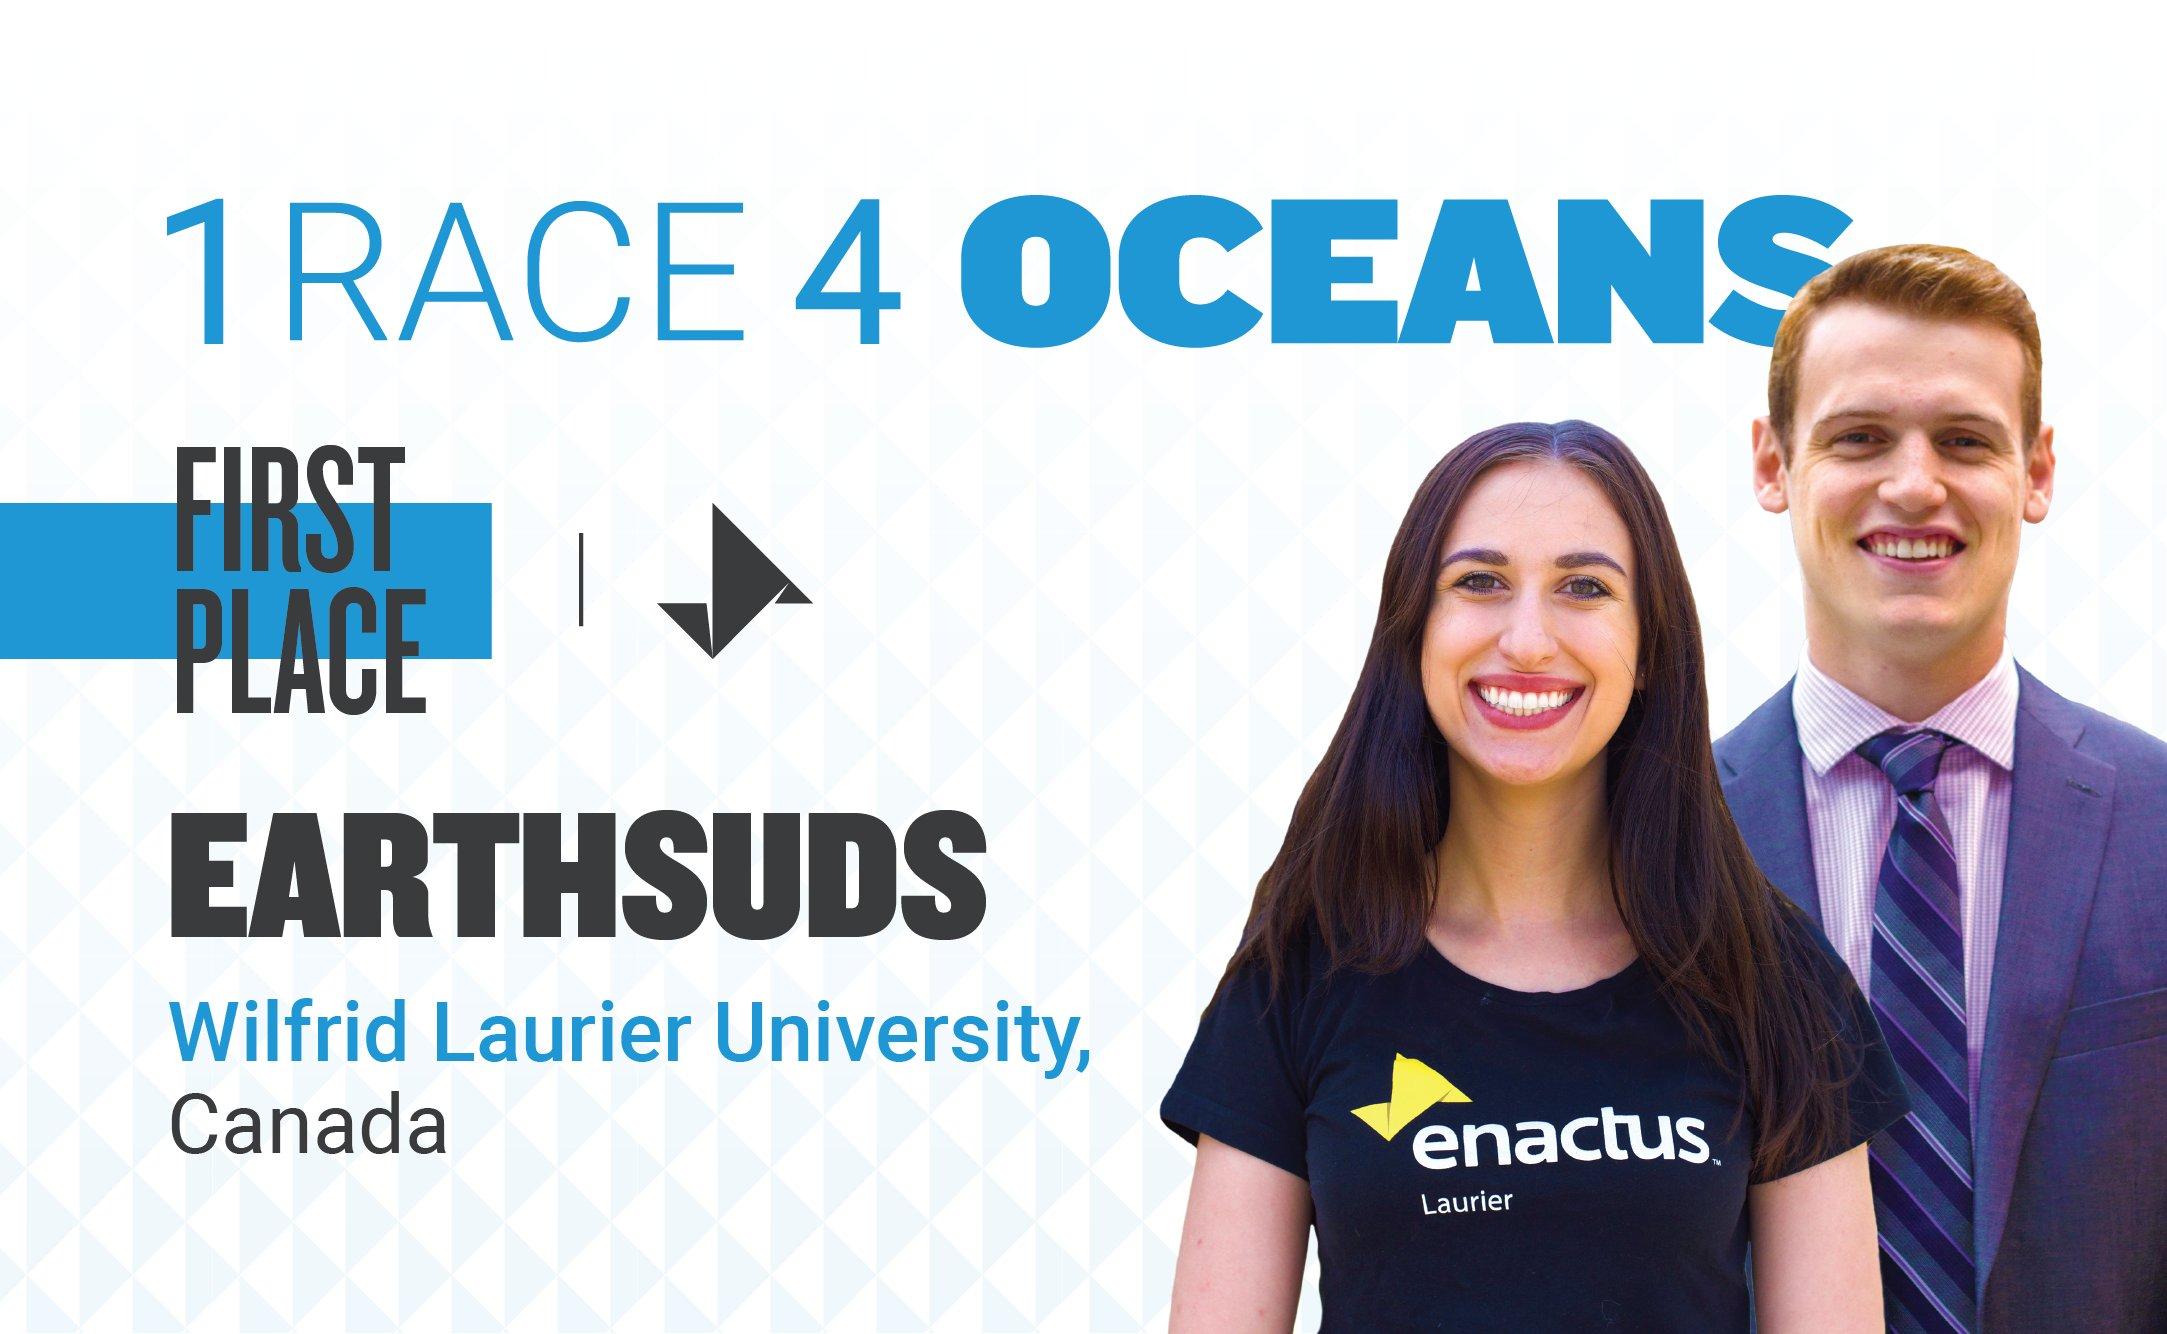 1 Race 4 Oceans Winner EarthSuds